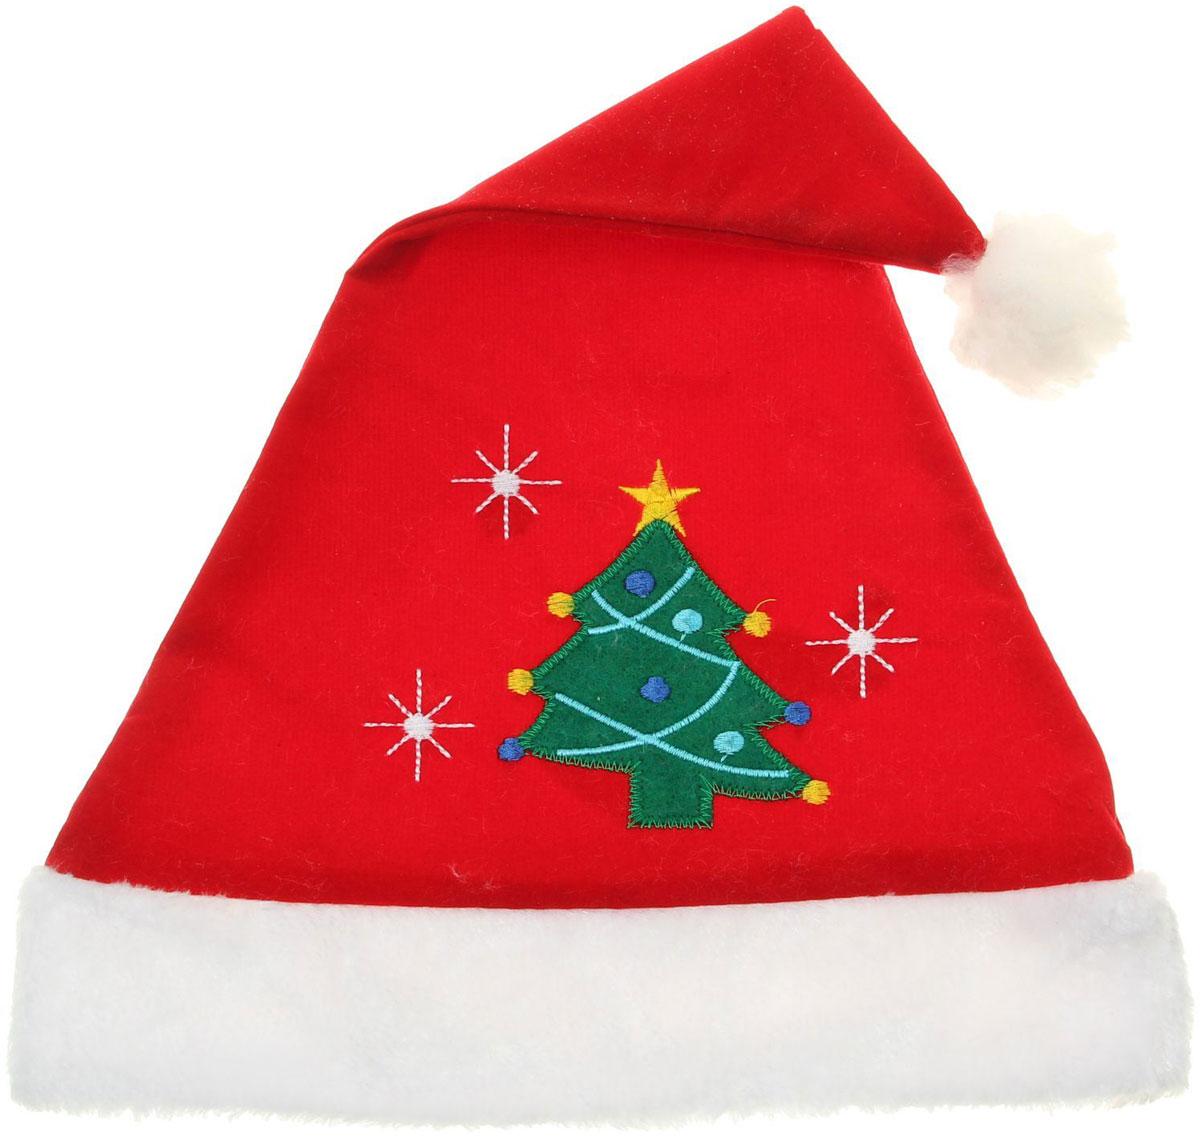 Колпак новогодний С новогодней елкой, 28 х 41 см. 13906351390635Поддайтесь новогоднему веселью на полную катушку! Забавный колпак в секунду создаст праздничное настроение, будь то поздравление ребятишек или вечеринка с друзьями. Размер изделия универсальный: аксессуар подойдет как для ребенка, так и для взрослого. А мягкий текстиль позволит носить колпак с комфортом на протяжении всей новогодней ночи.